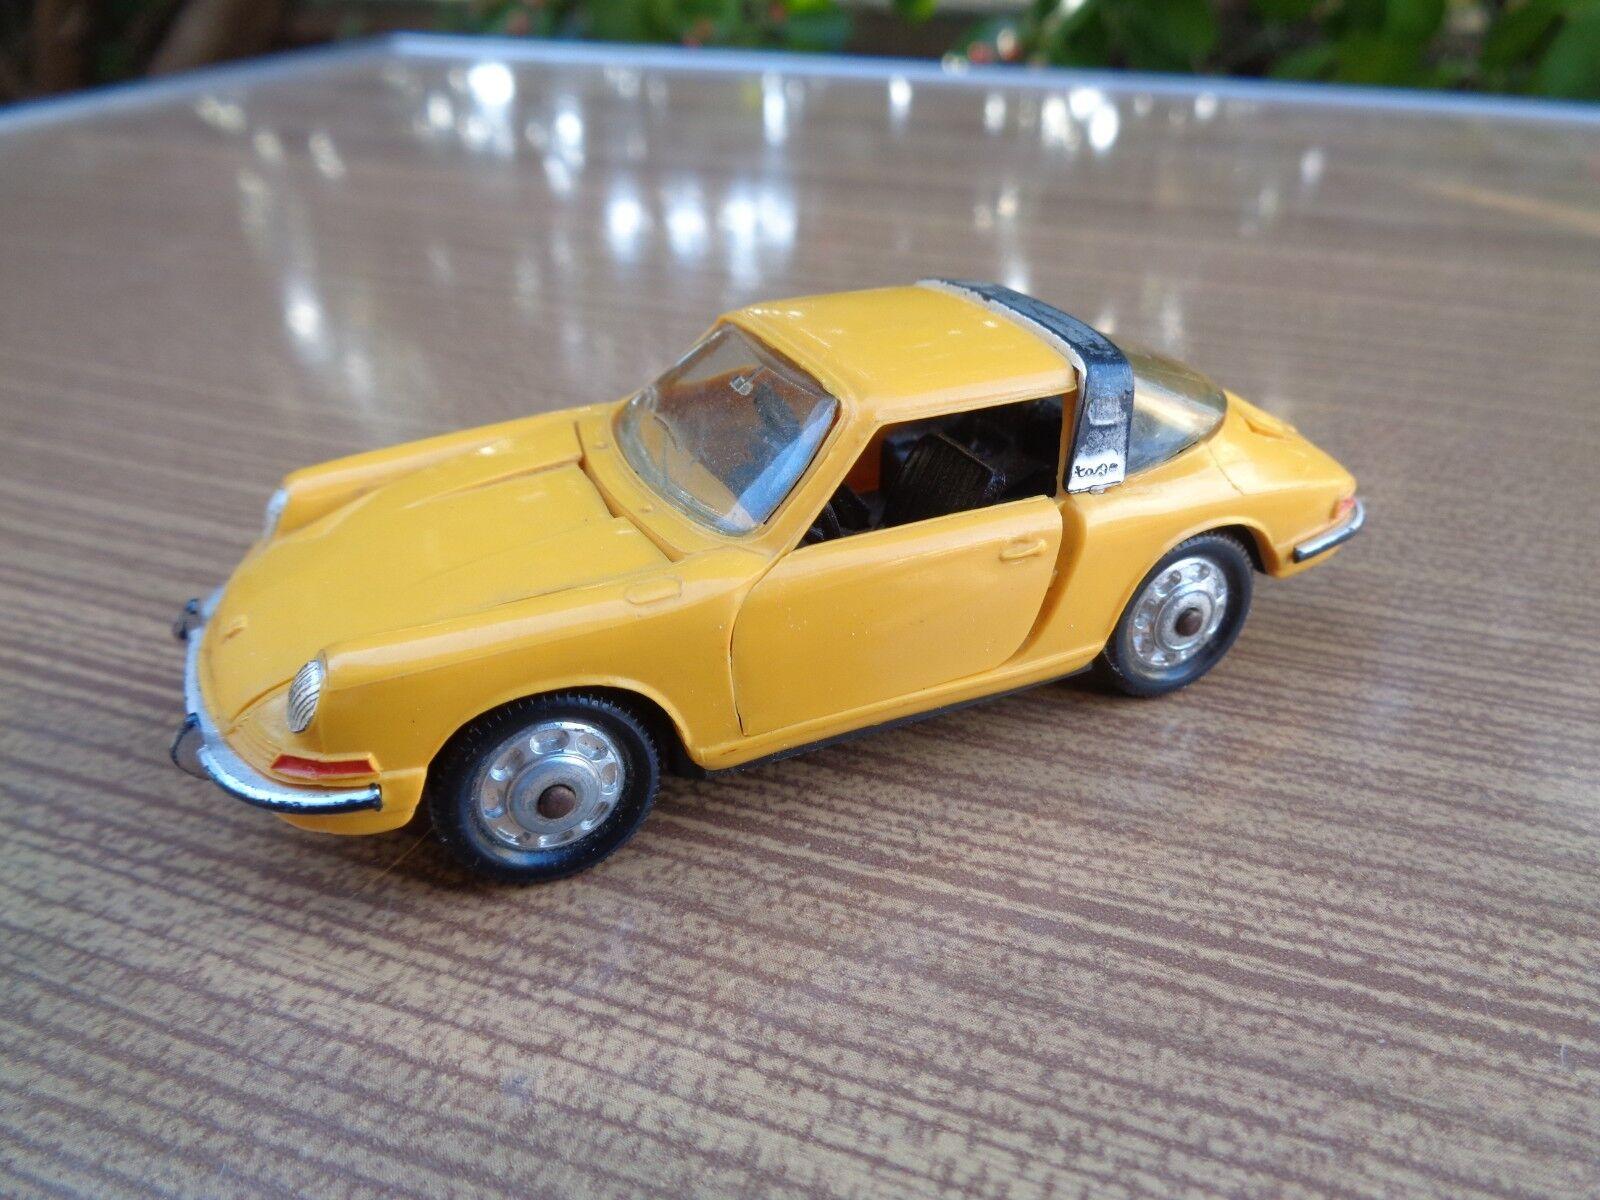 Norev France France France miniature Porsche Coupé Targa 911 L N°141 1 43 D'origine Plastique 18b3f1